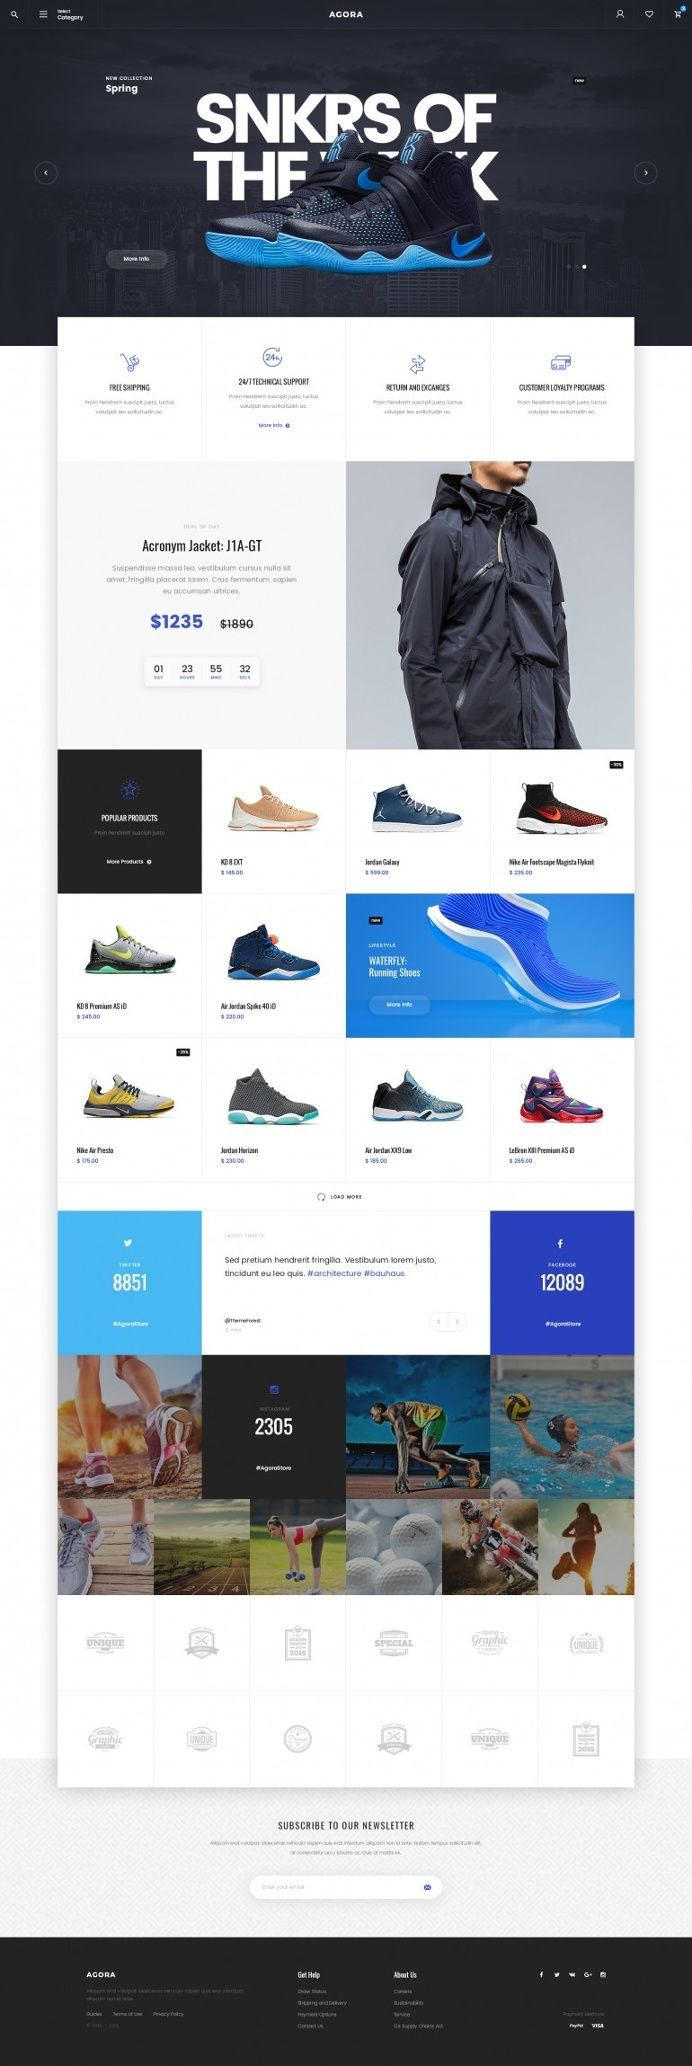 #網站設計 #運動 #藍色